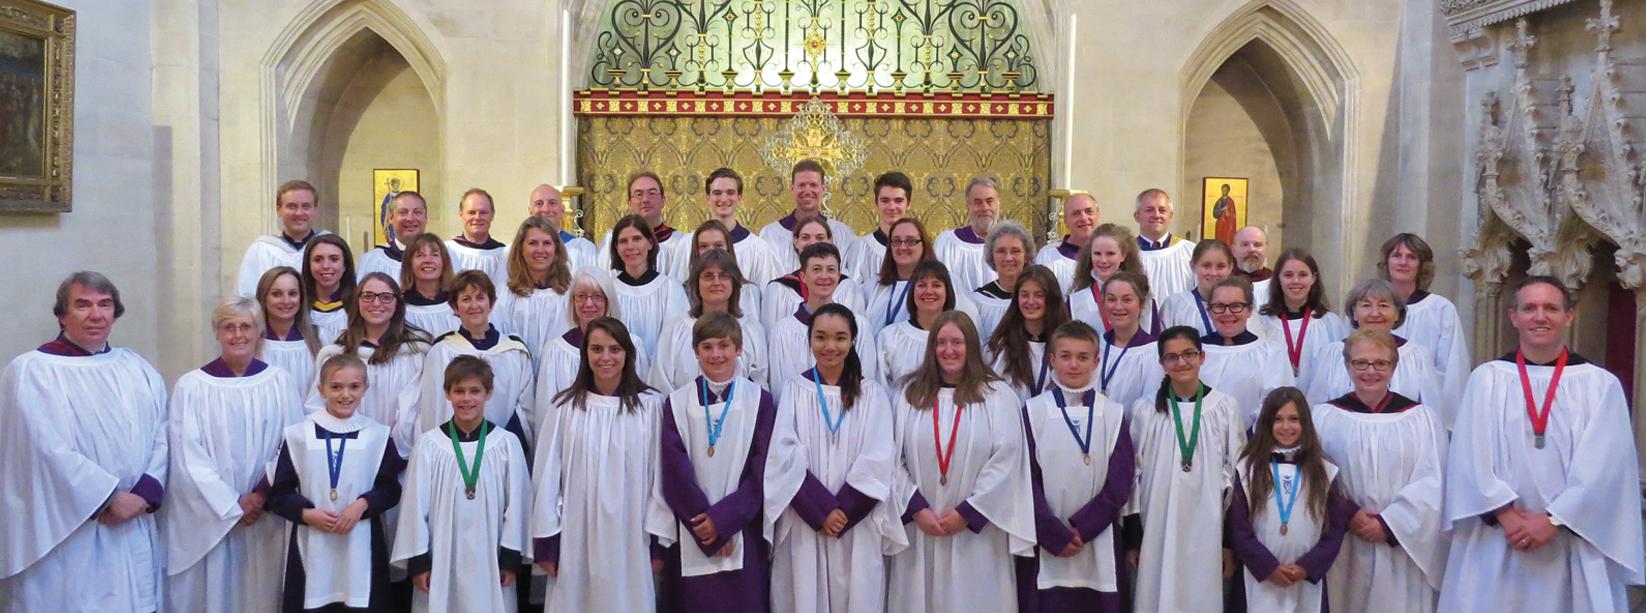 Choir-2015